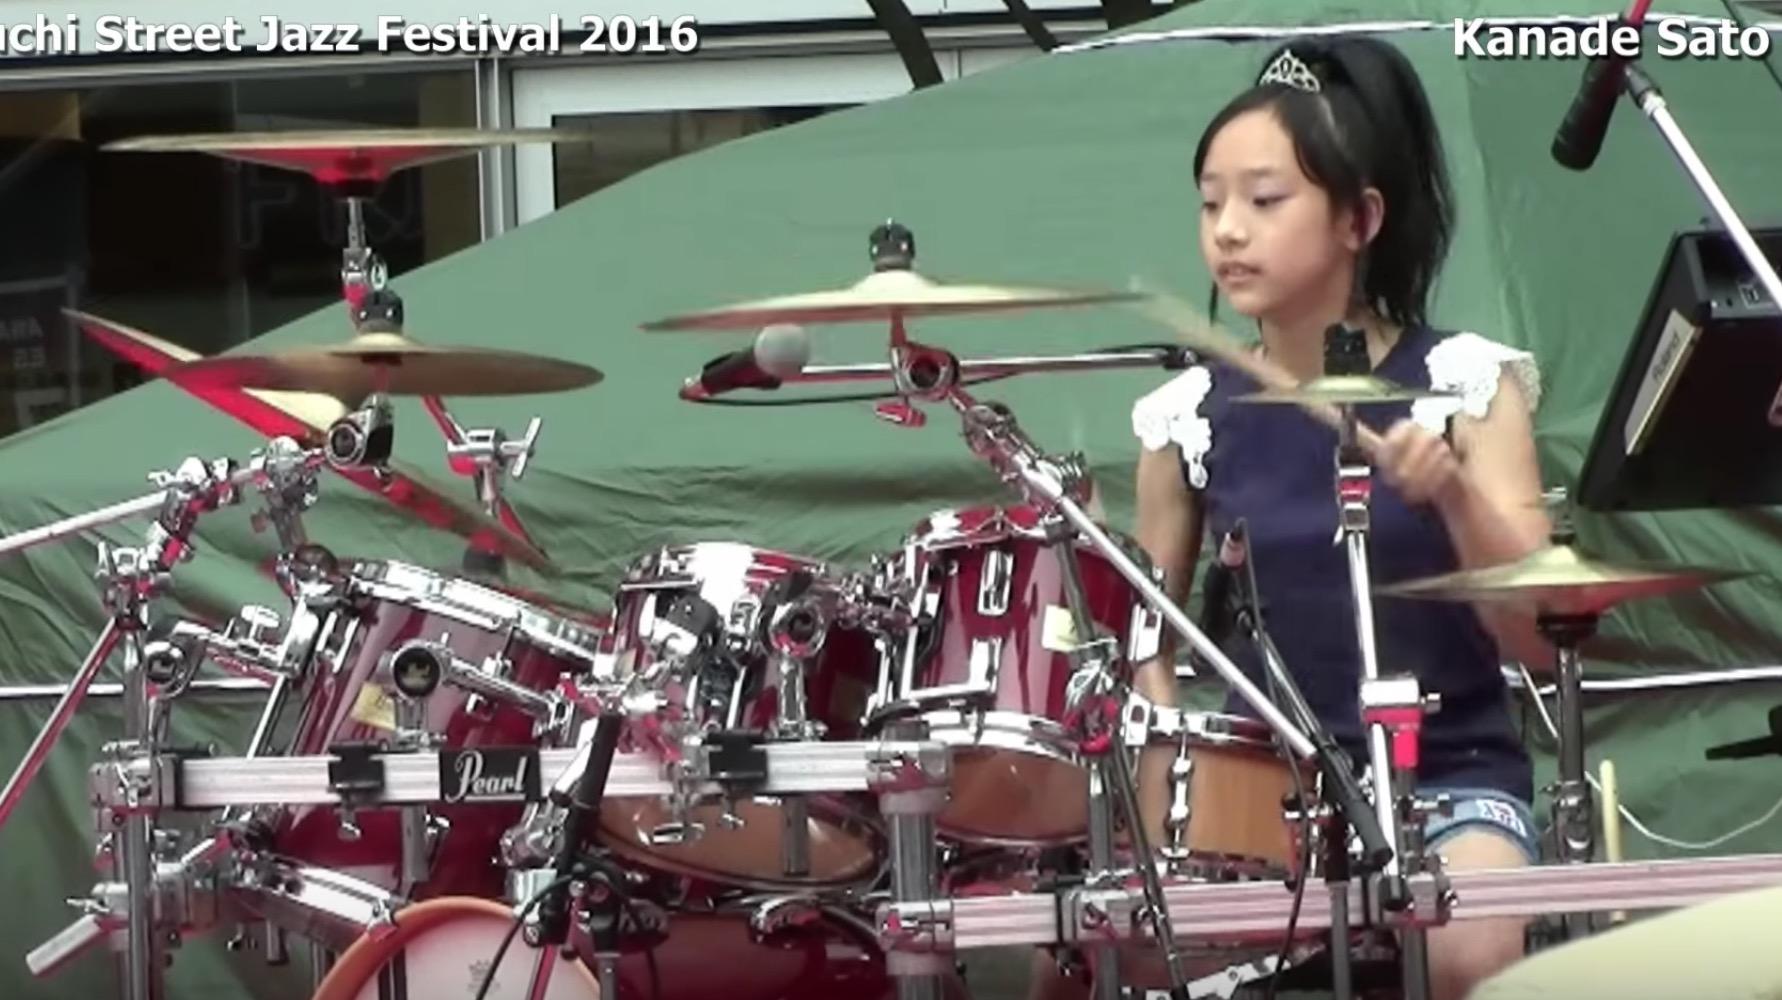 13歳でフュージョンを叩きこなす少女ドラマーの演奏がタイトで上手い!!